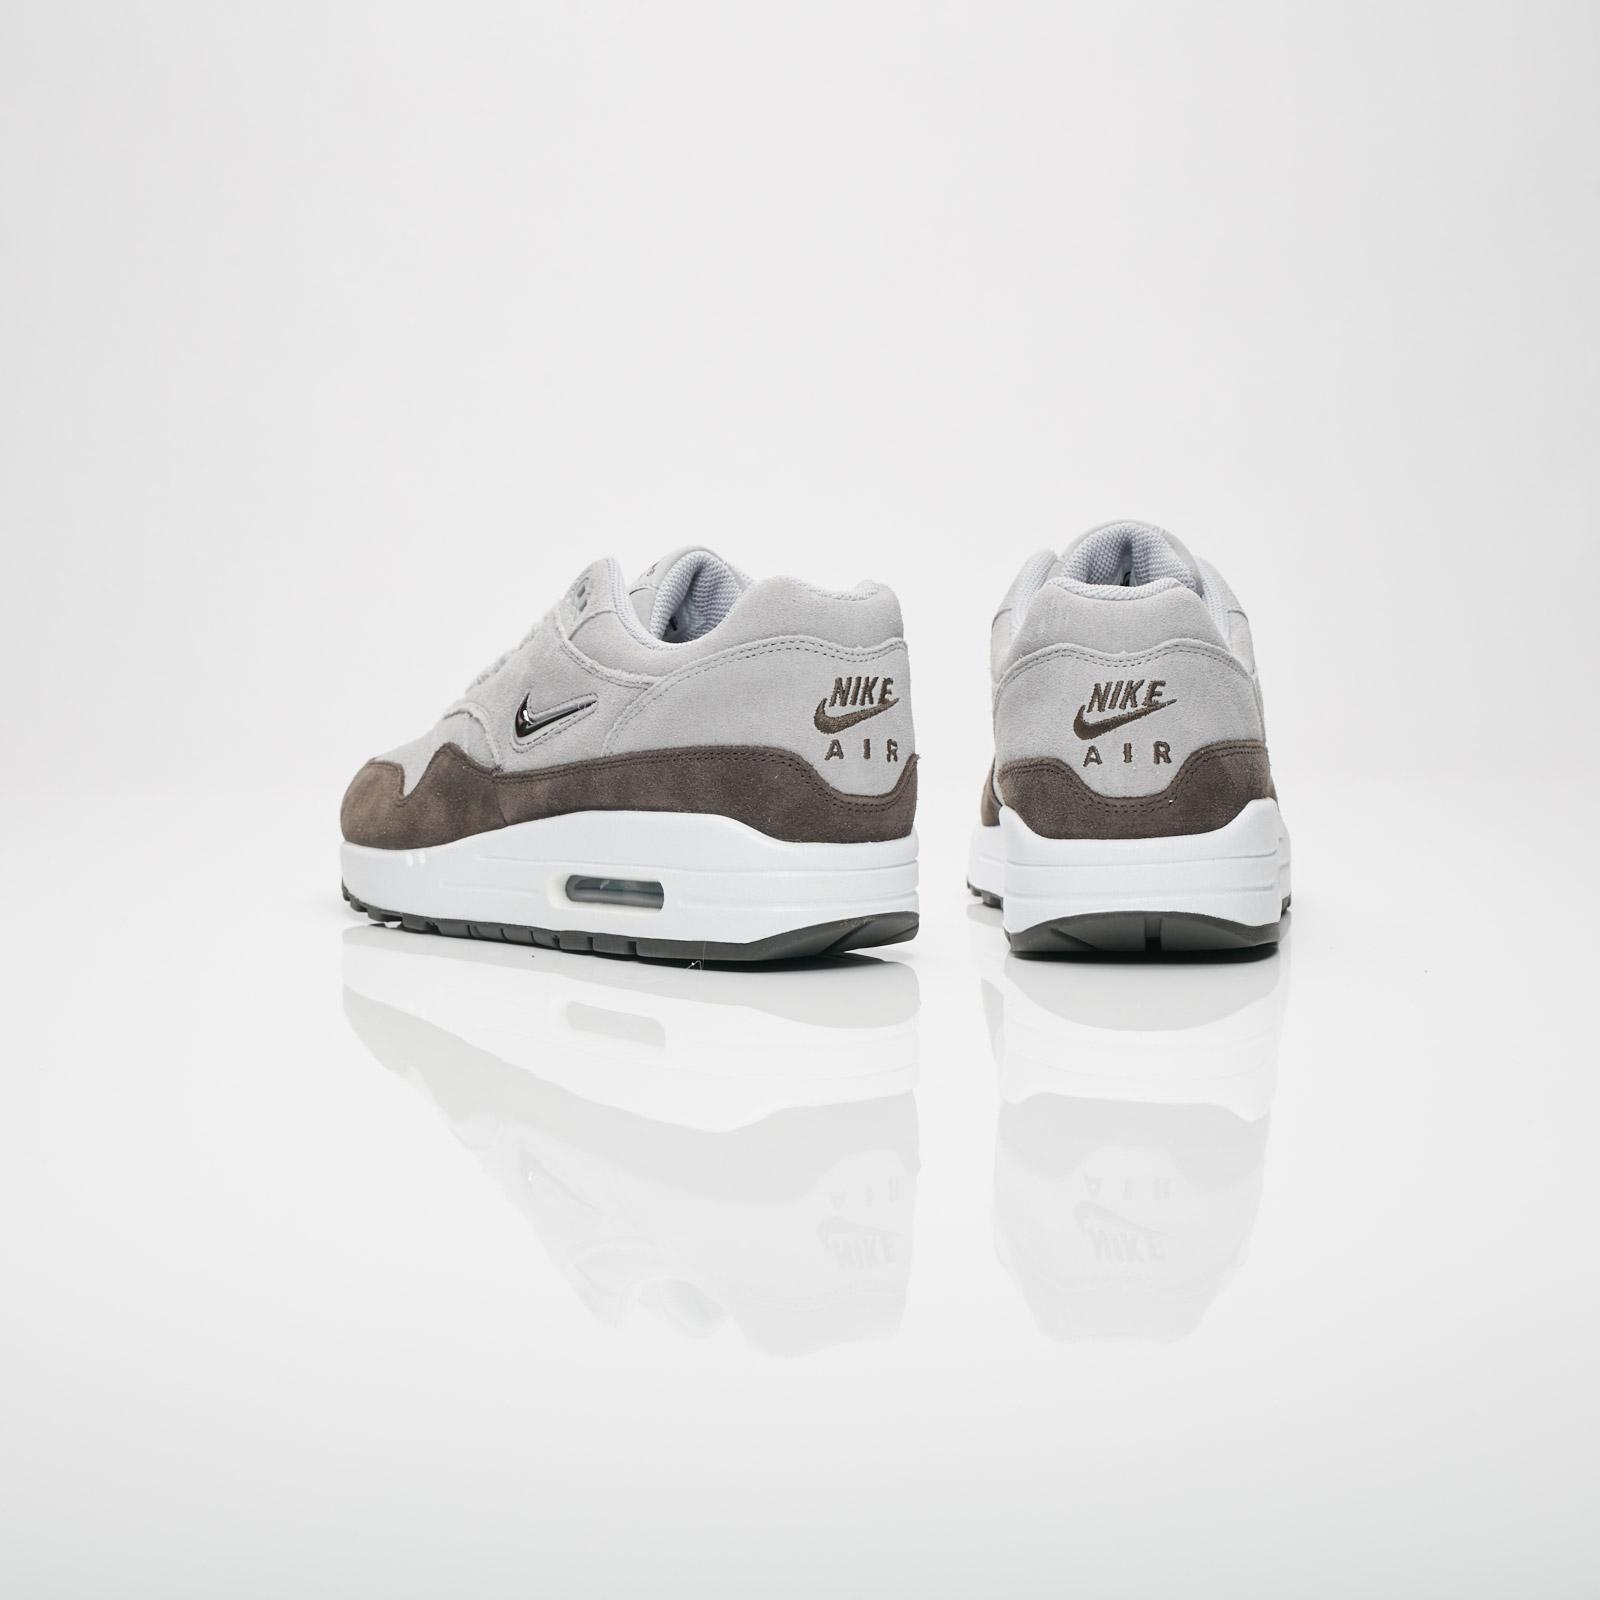 3f7bdc76b74f Nike Wmns Air Max 1 Premium SC - Aa0512-002 - Sneakersnstuff ...